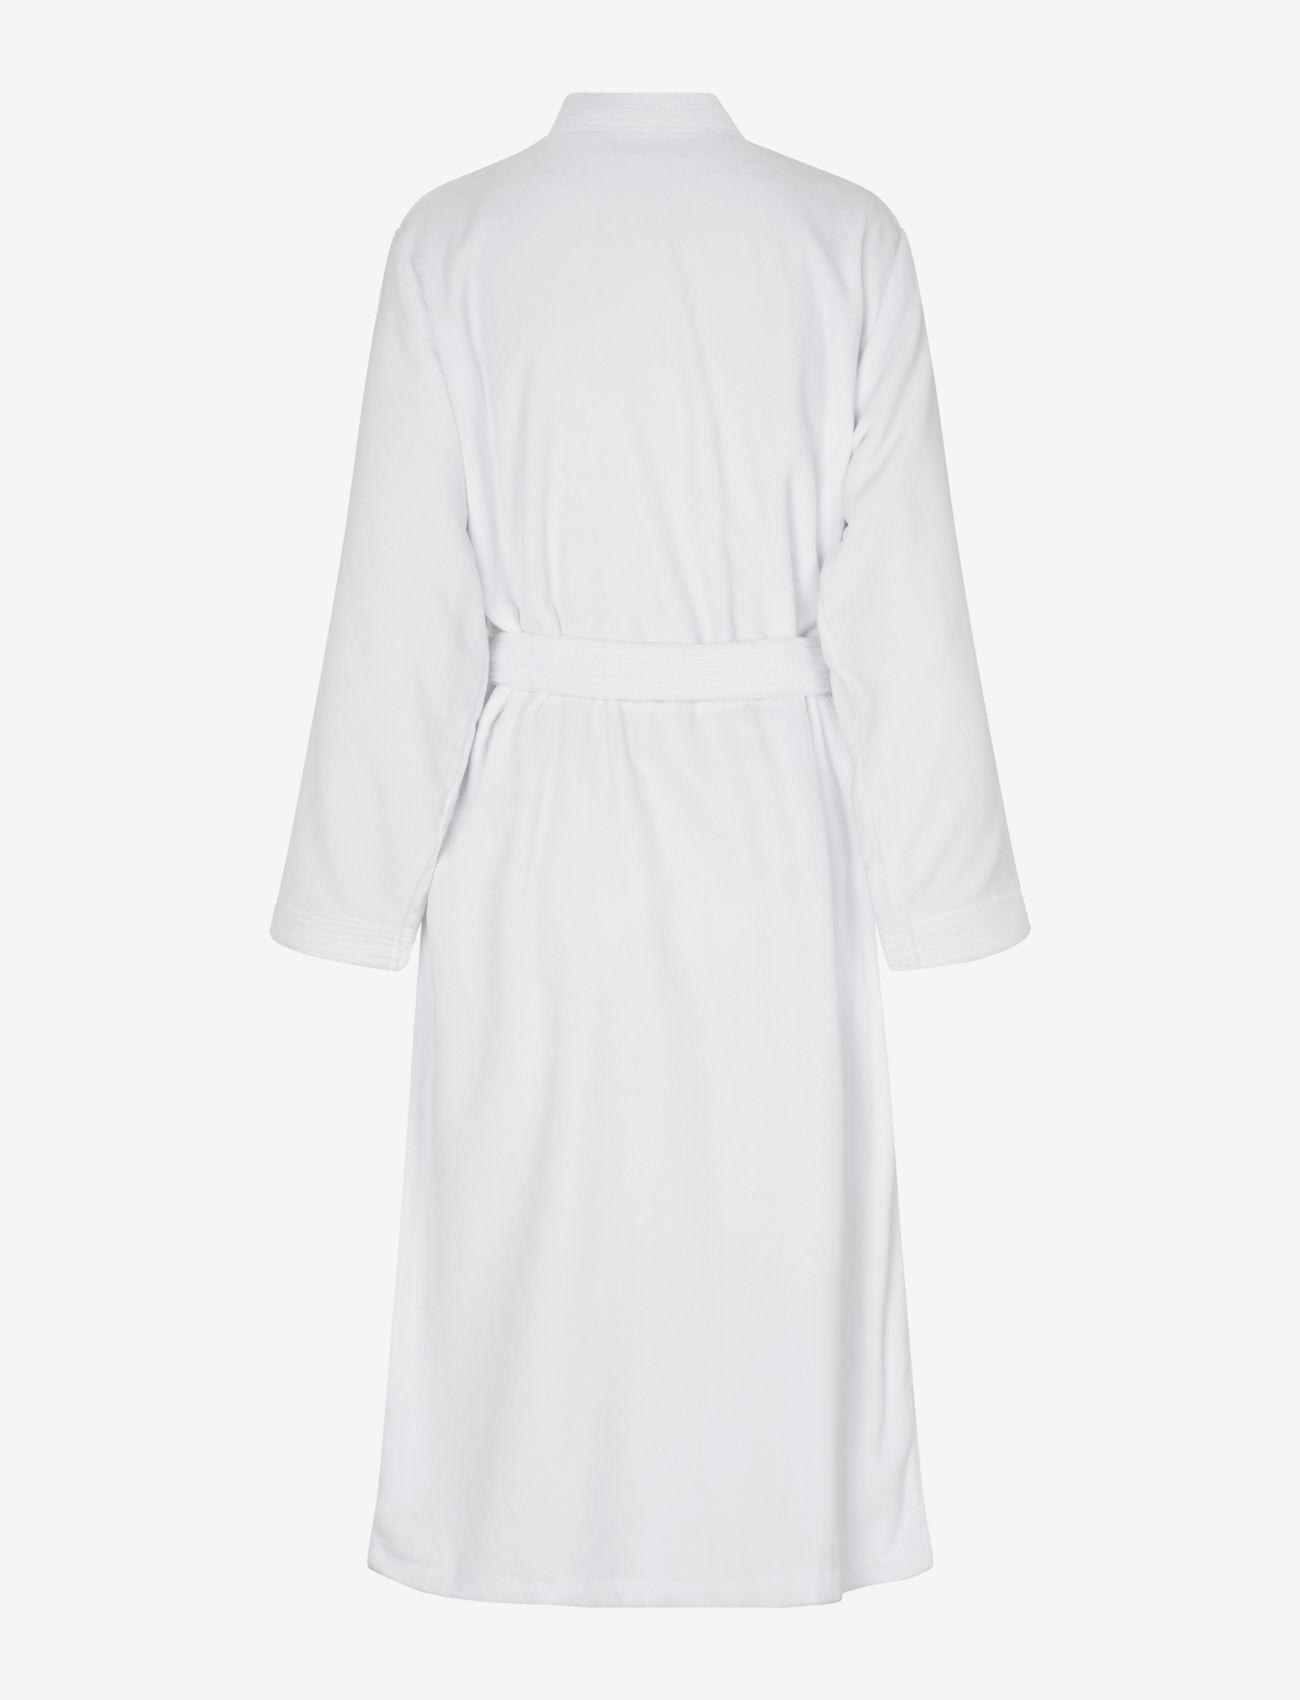 Rosemunde - robe - pegnoirs - new white - 1